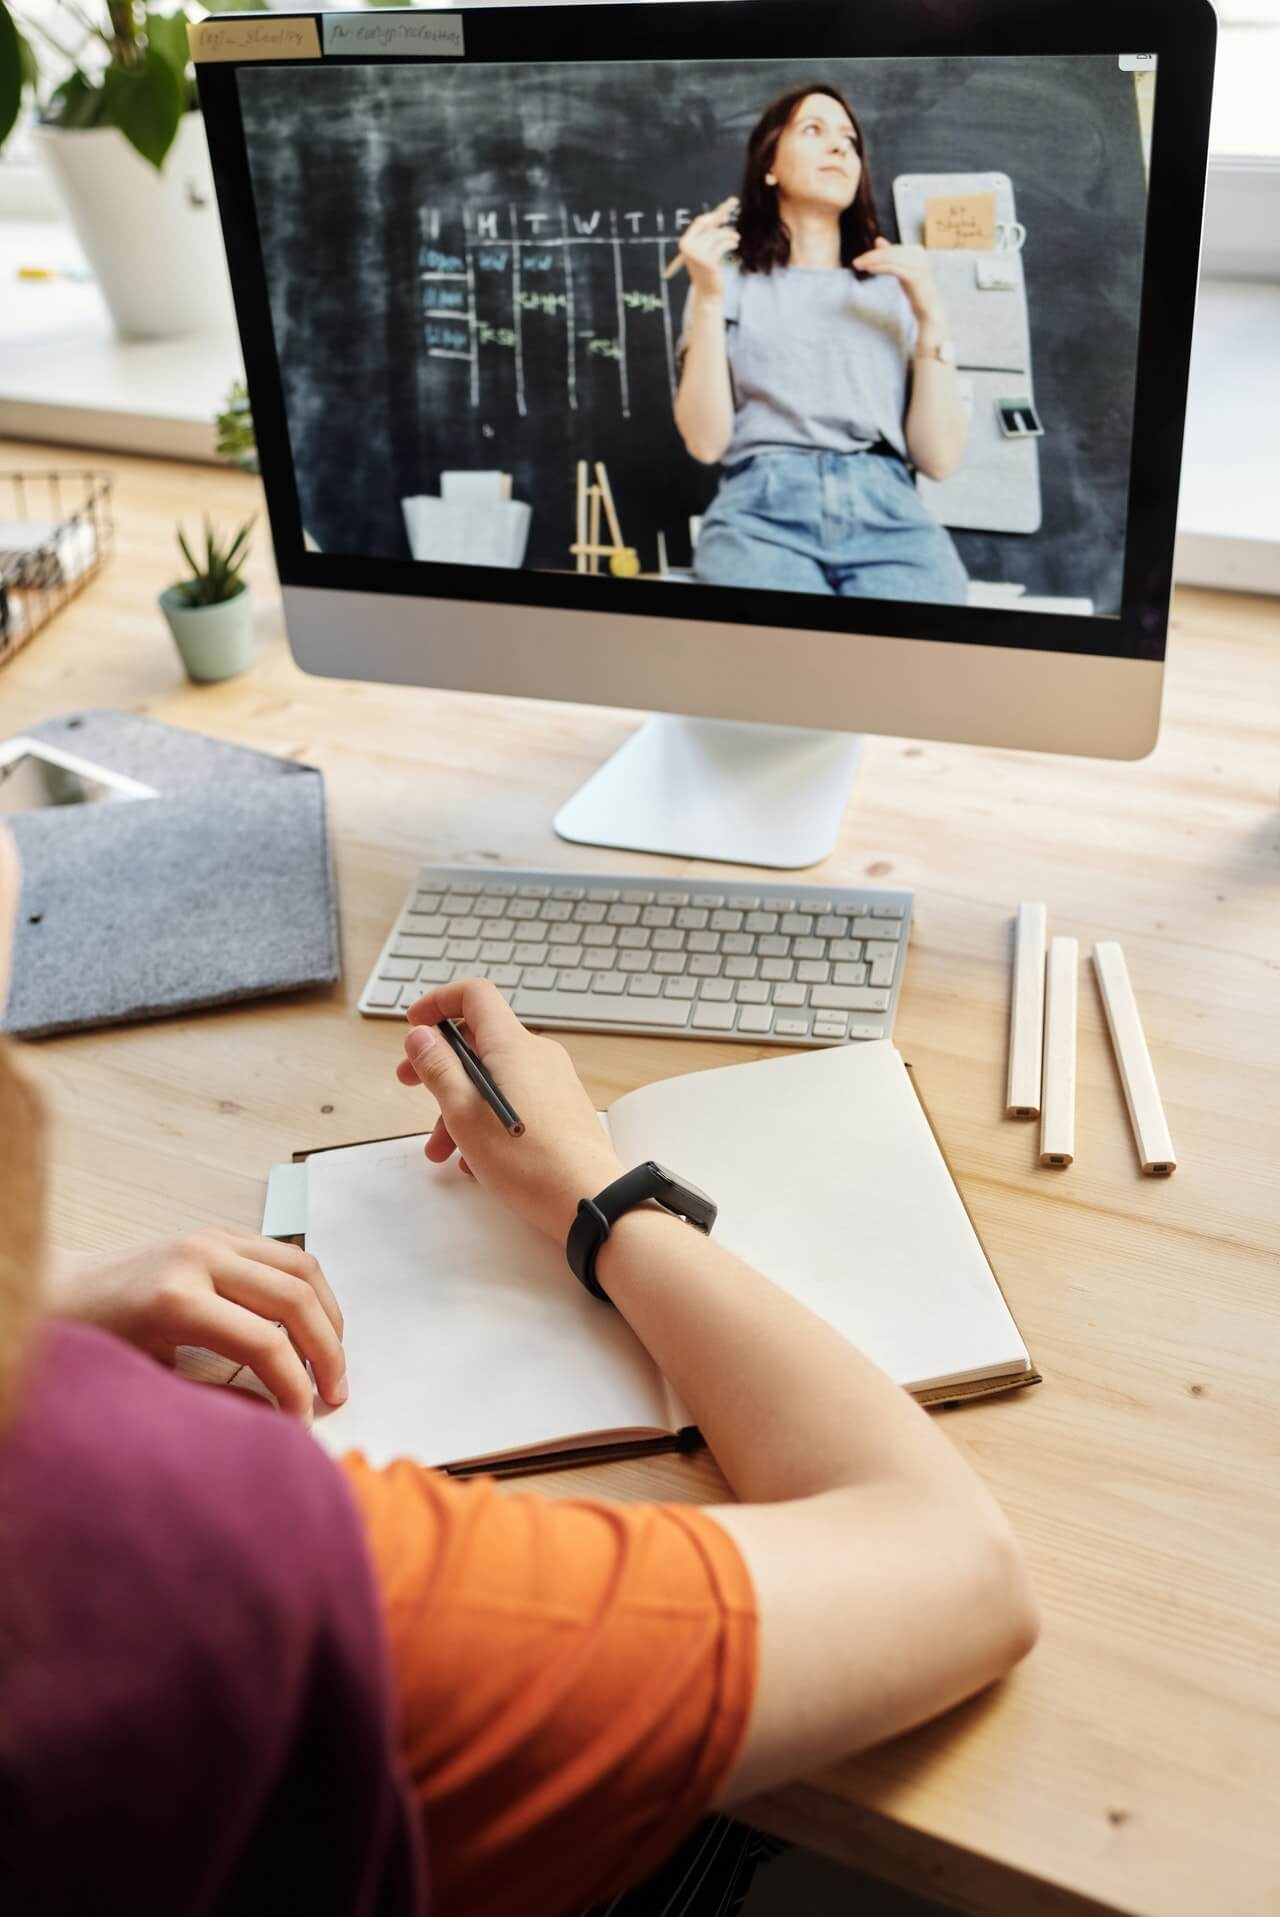 uczeń podczas nauki zdalnej odrabiający zadanie przy komputerze